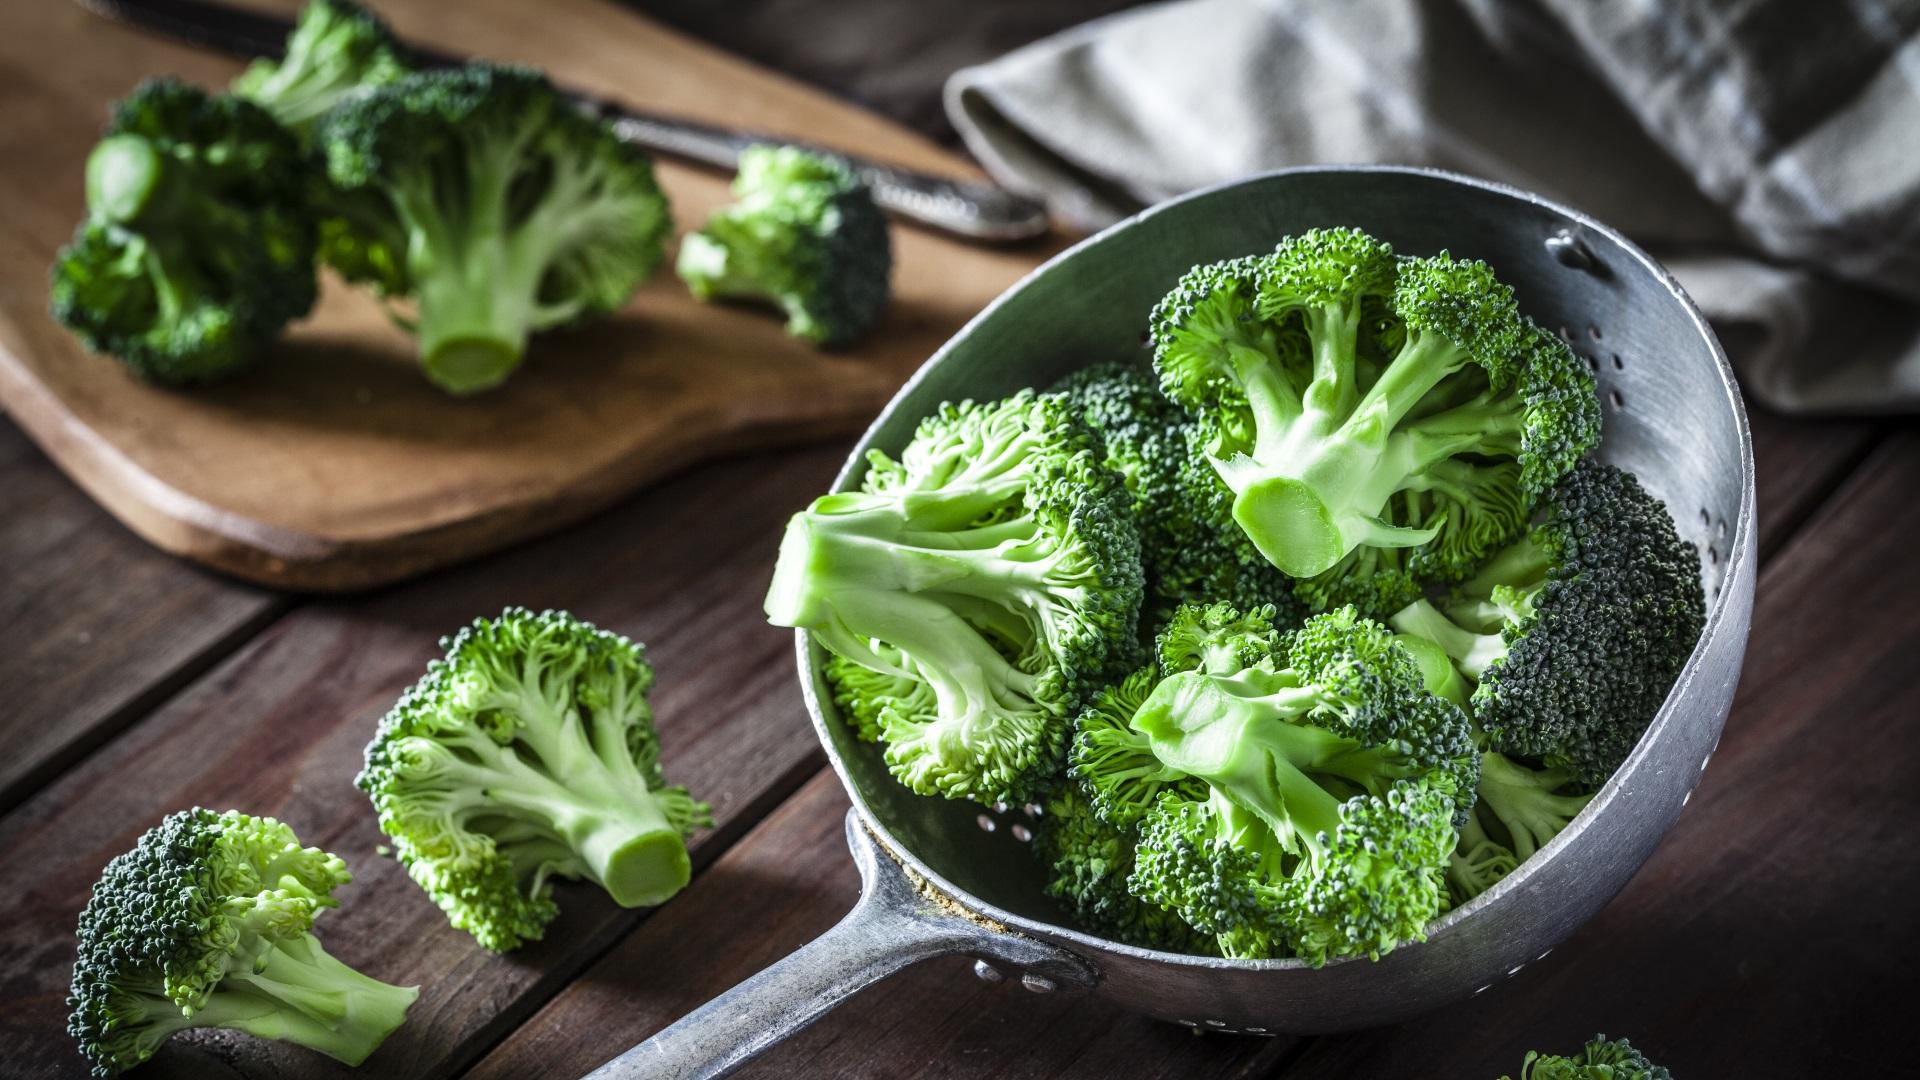 Качествените пресни броколи са с тъмнозелен до синкав цвят, а цветчетата плътно затворени.Ако броколите са жълто-зелени, това е в резултат на неправилно съхранение.